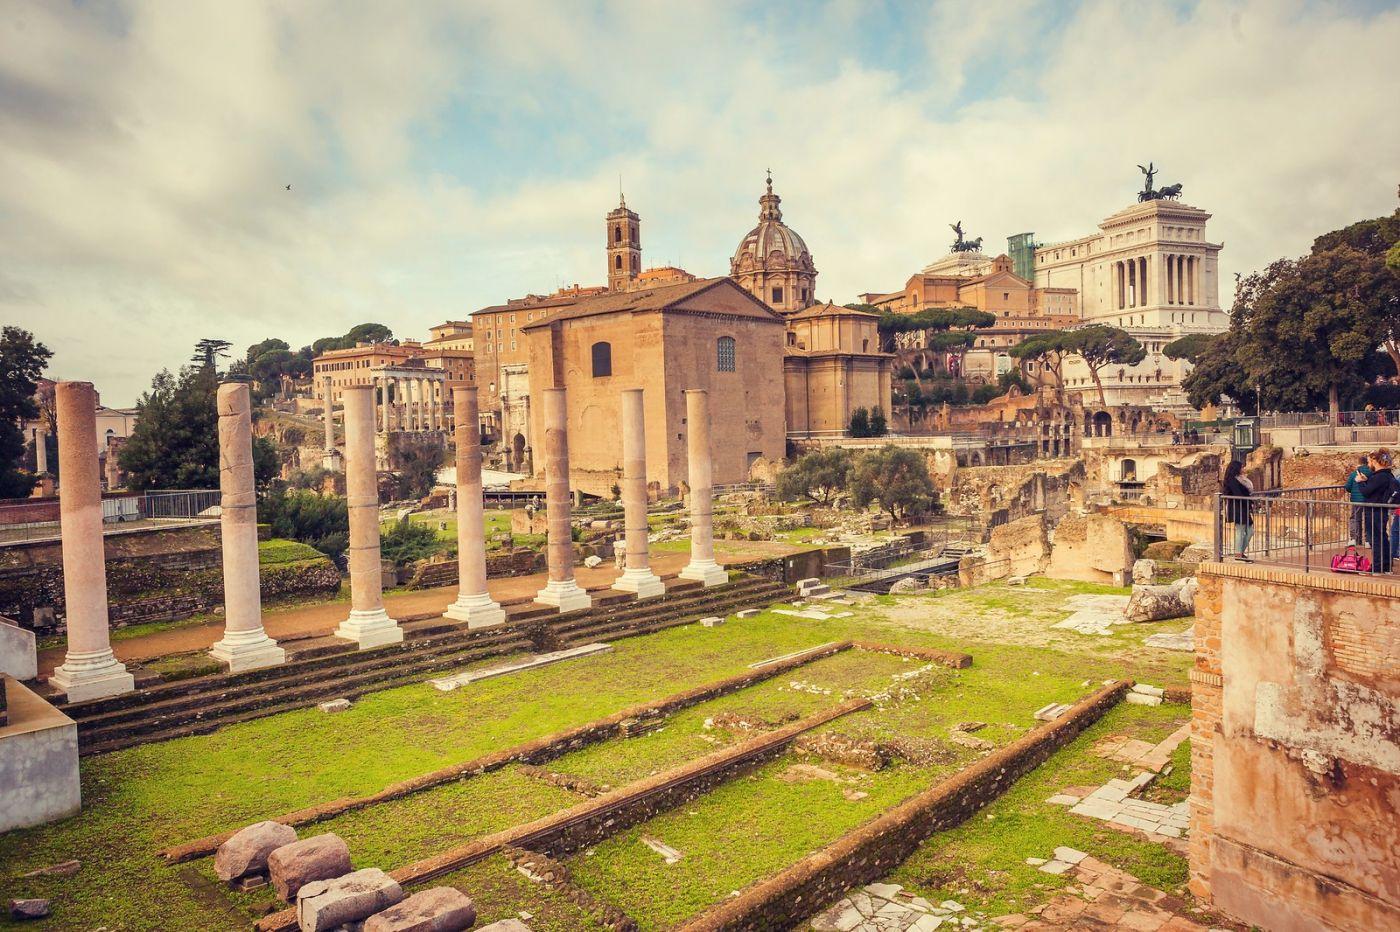 意大利罗马论坛,很敬佩_图1-29